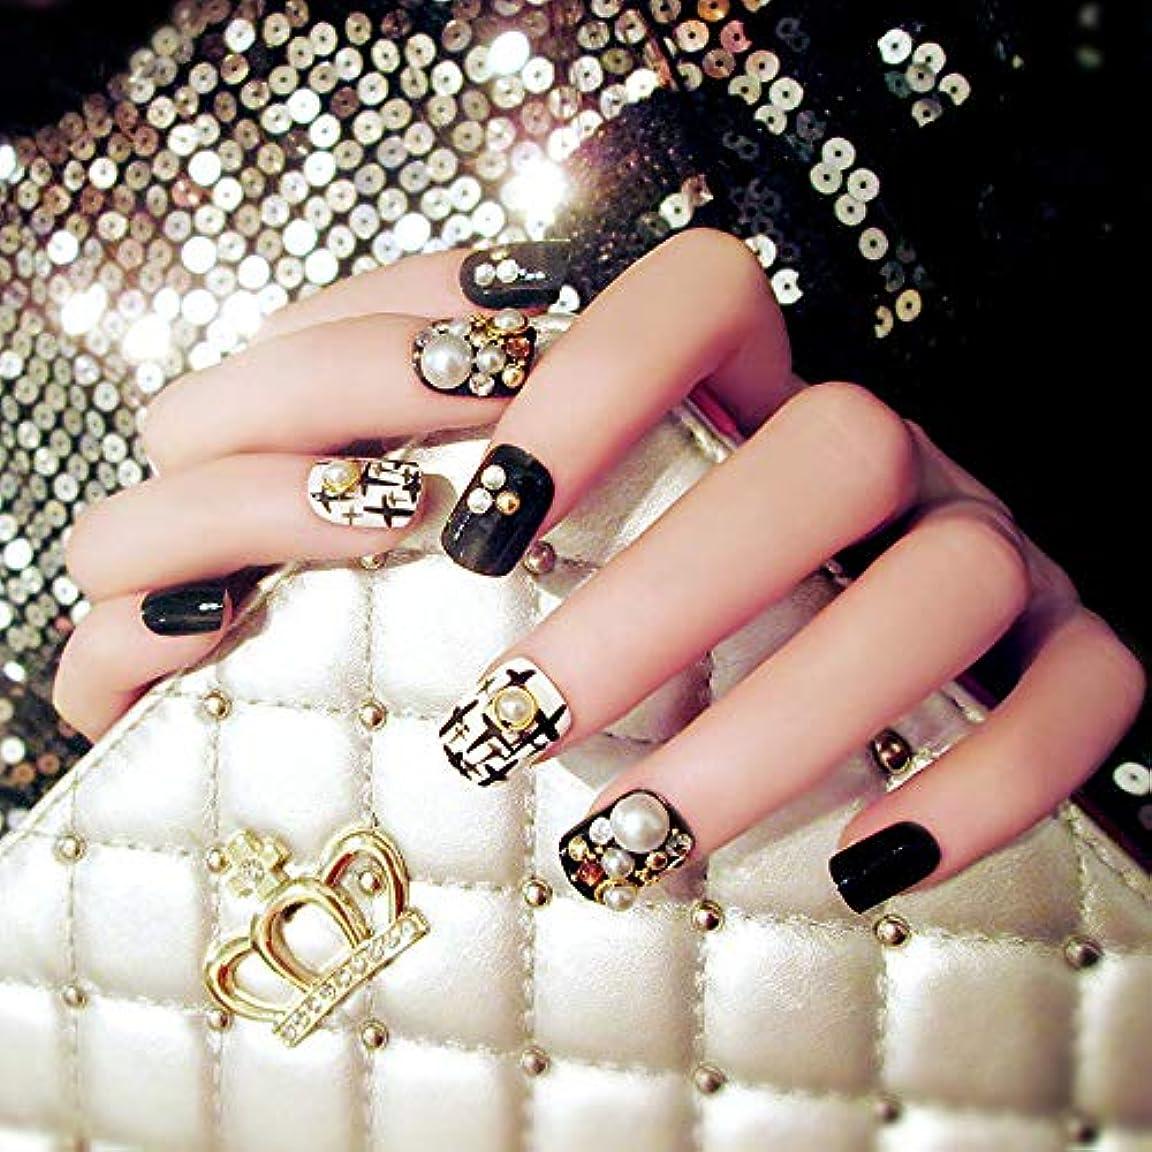 24本の高品質の美しい偽の黒い爪白真珠のデザイン偽の爪のヒントは偽の爪をカバー